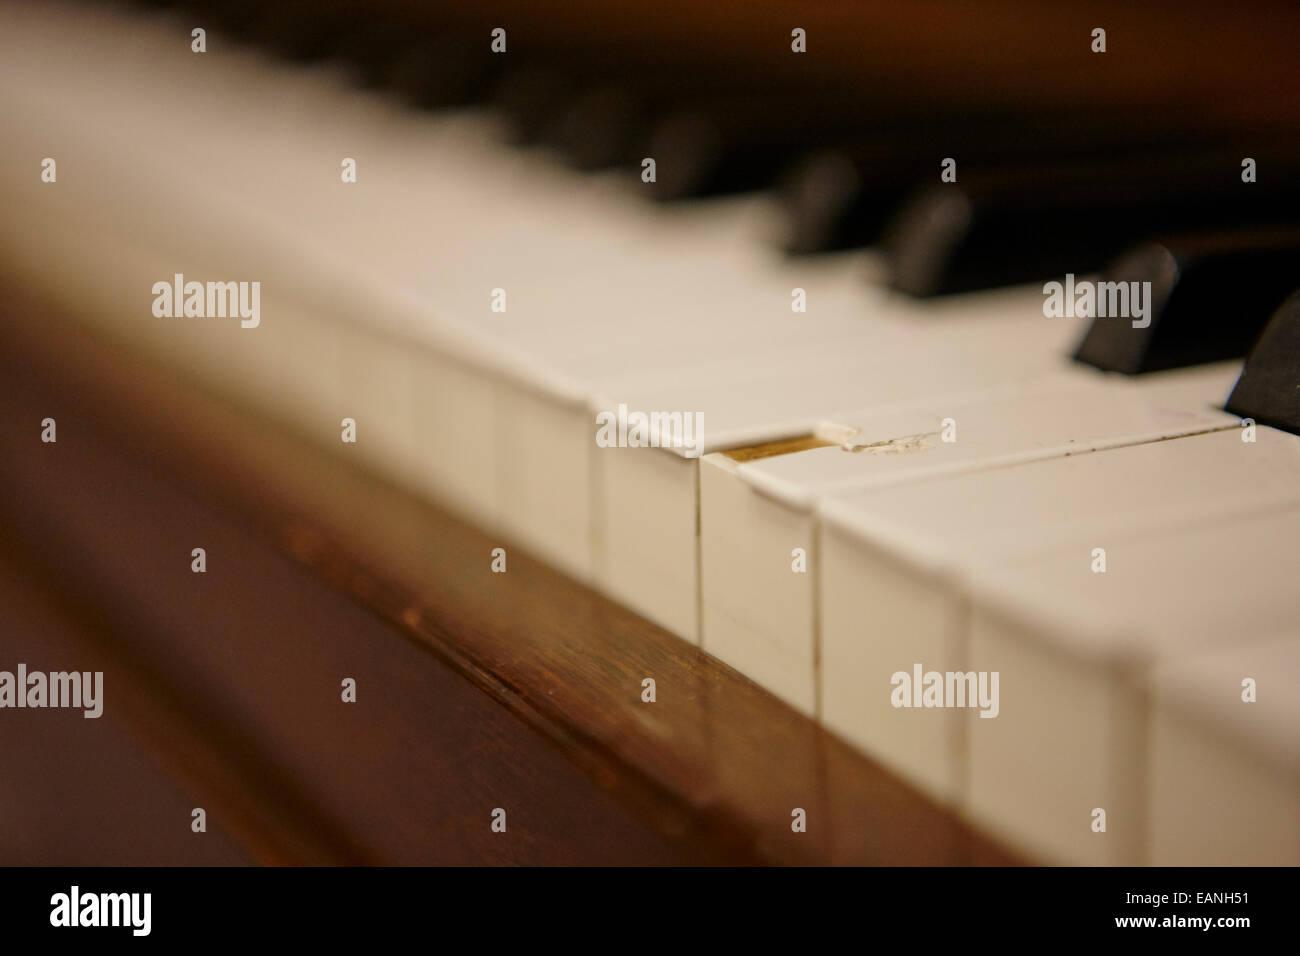 abgebrochene Schlüssel auf einem Stutzflügel Klavier in ein Musik-Übungsraum Stockbild